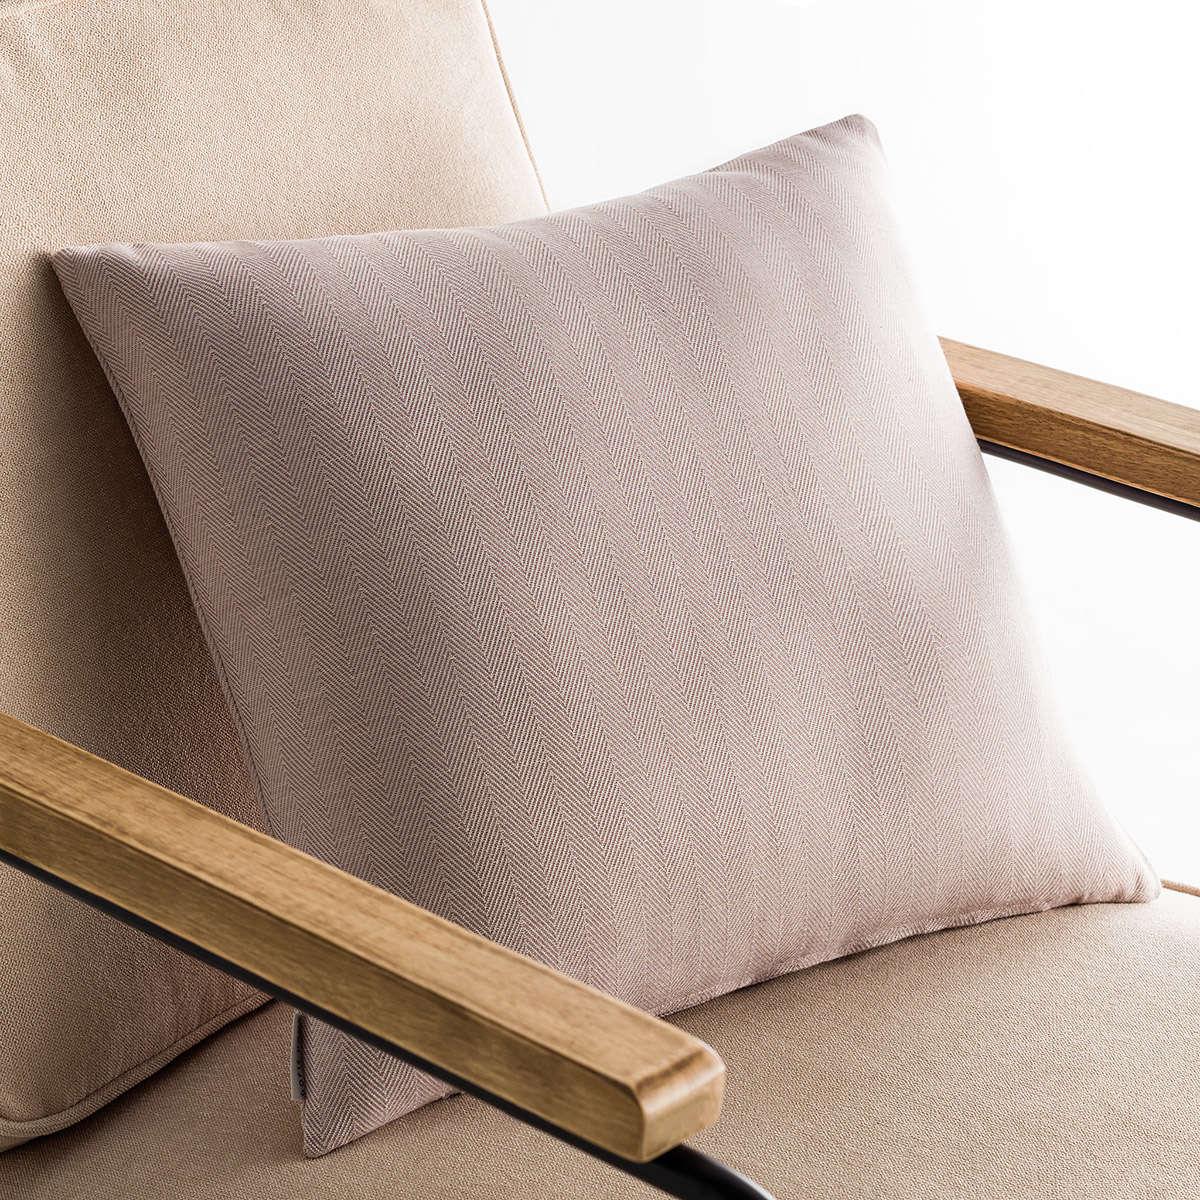 Μαξιλαροθήκη Διακοσμητική Rene Mauve Pale 732/08 Gofis Home 50X50 Βαμβάκι-Polyester